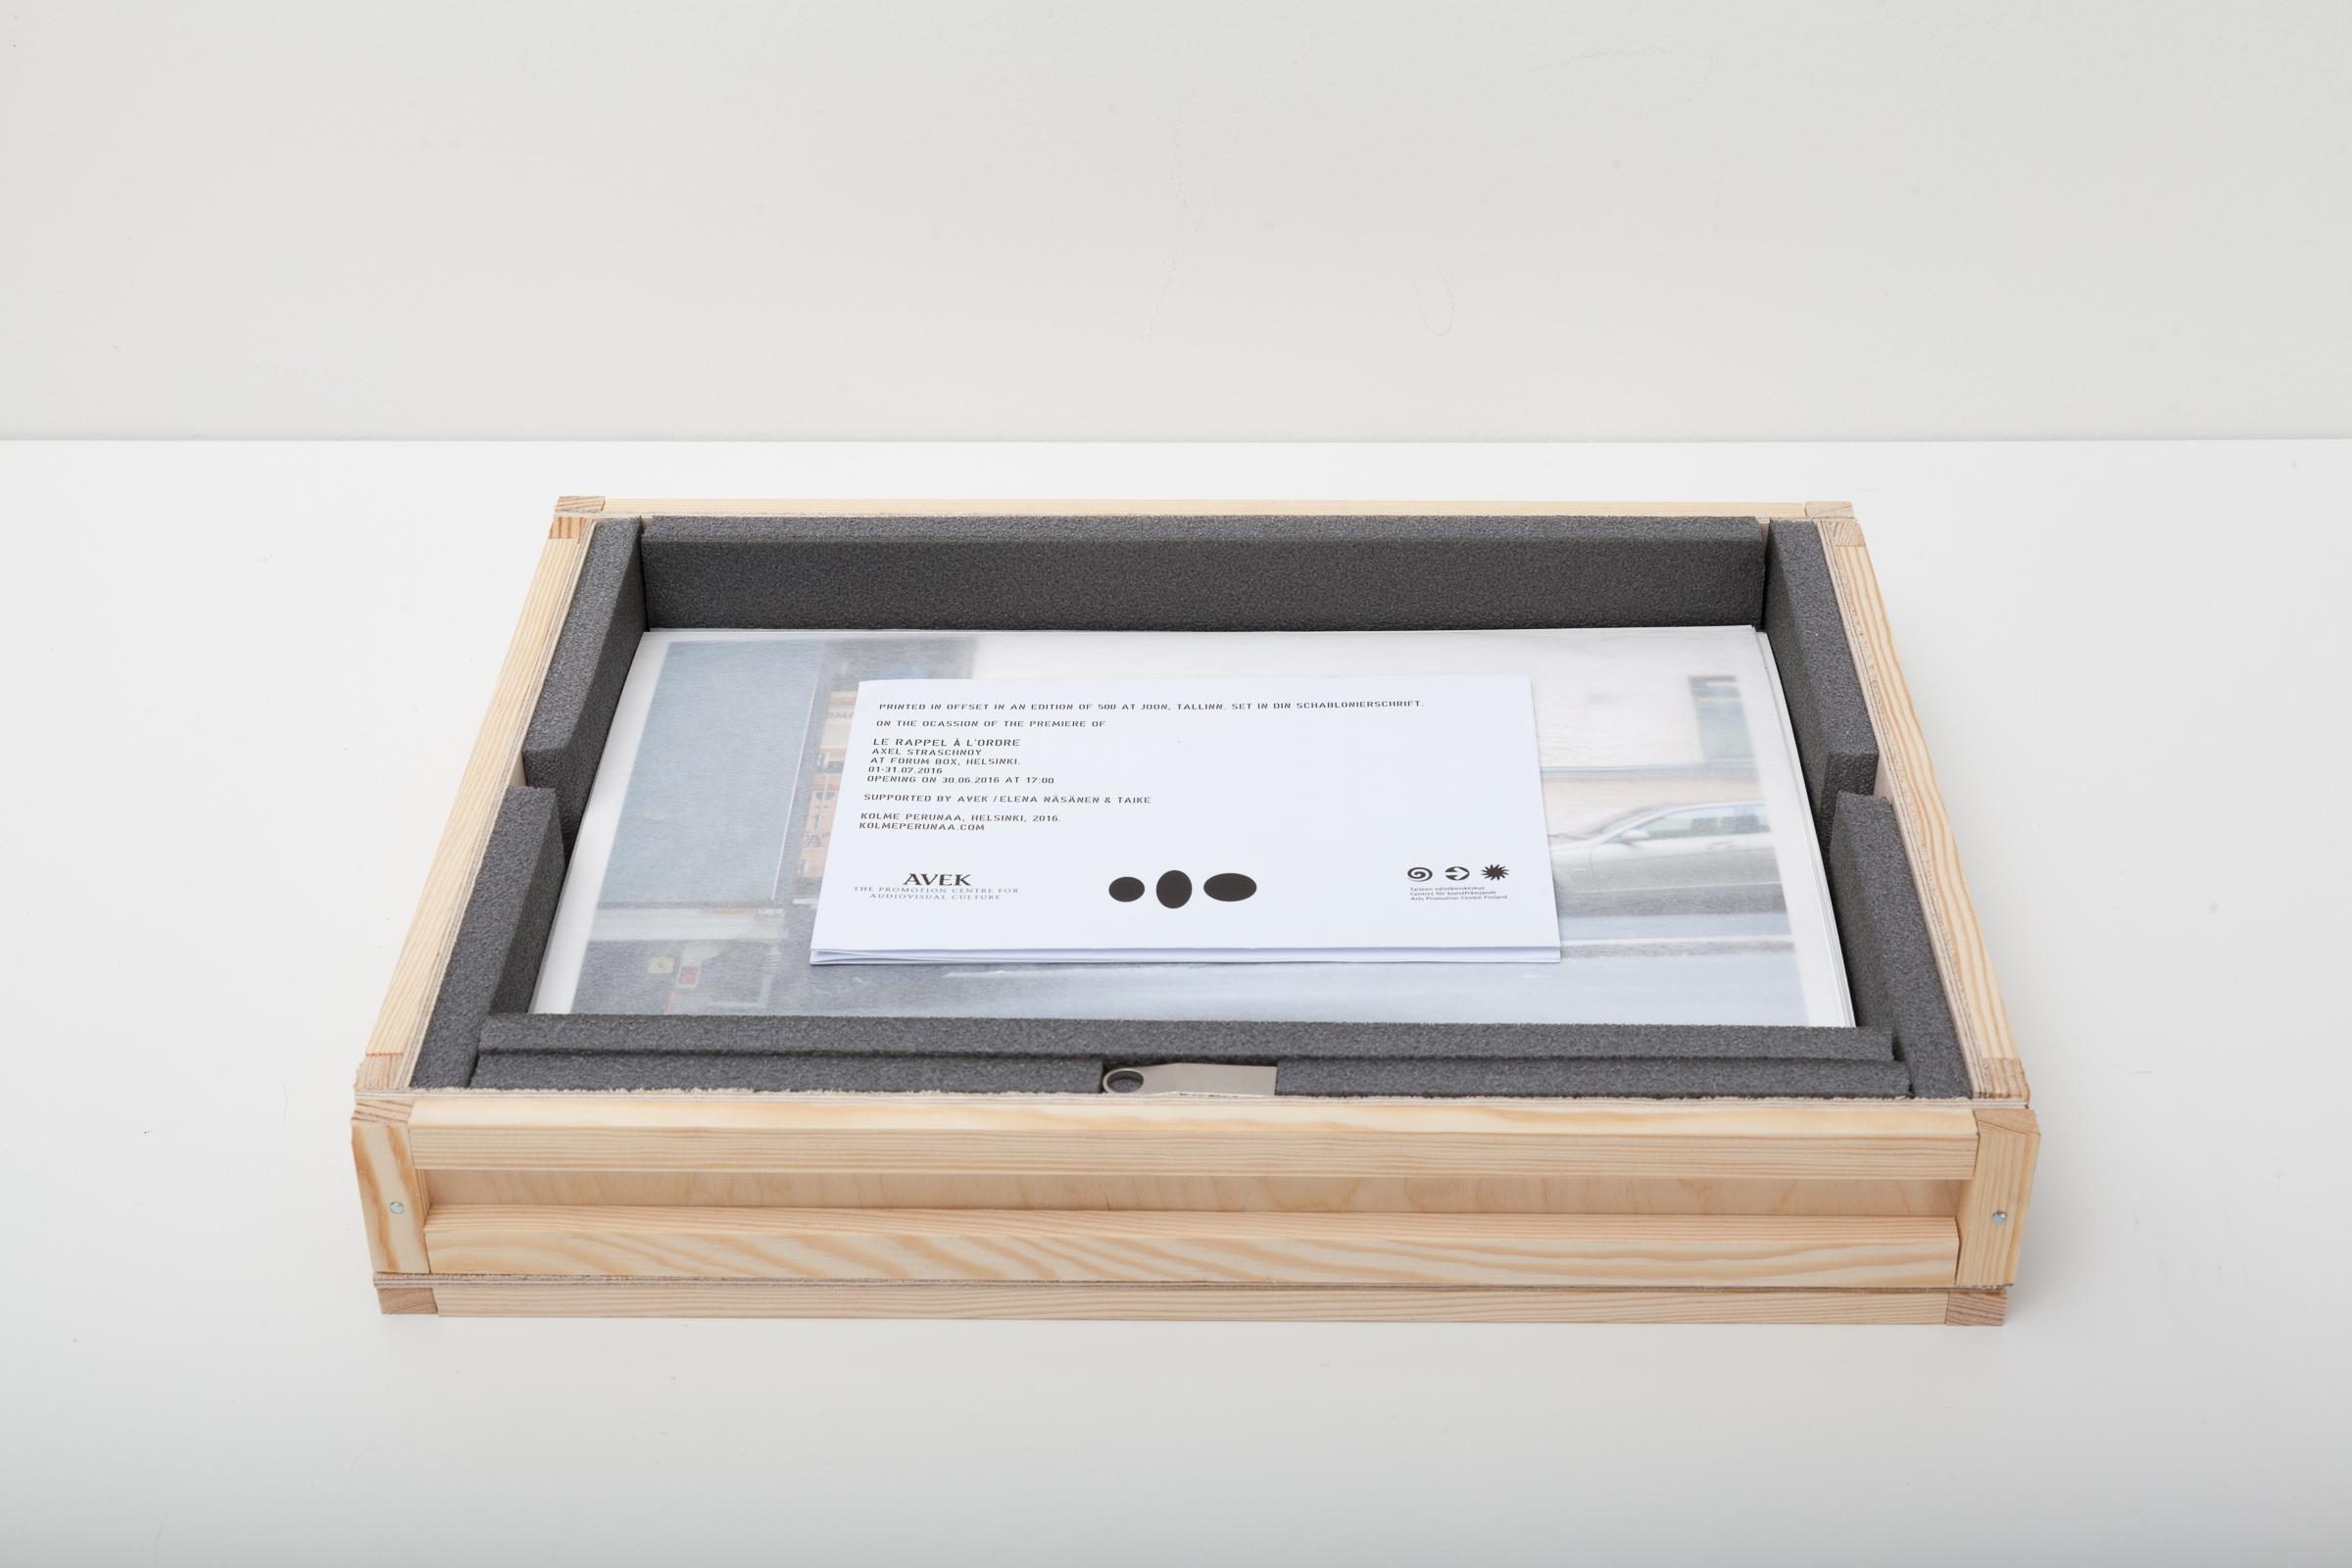 Le rappel à l'ordre - Boxes - 78.jpg